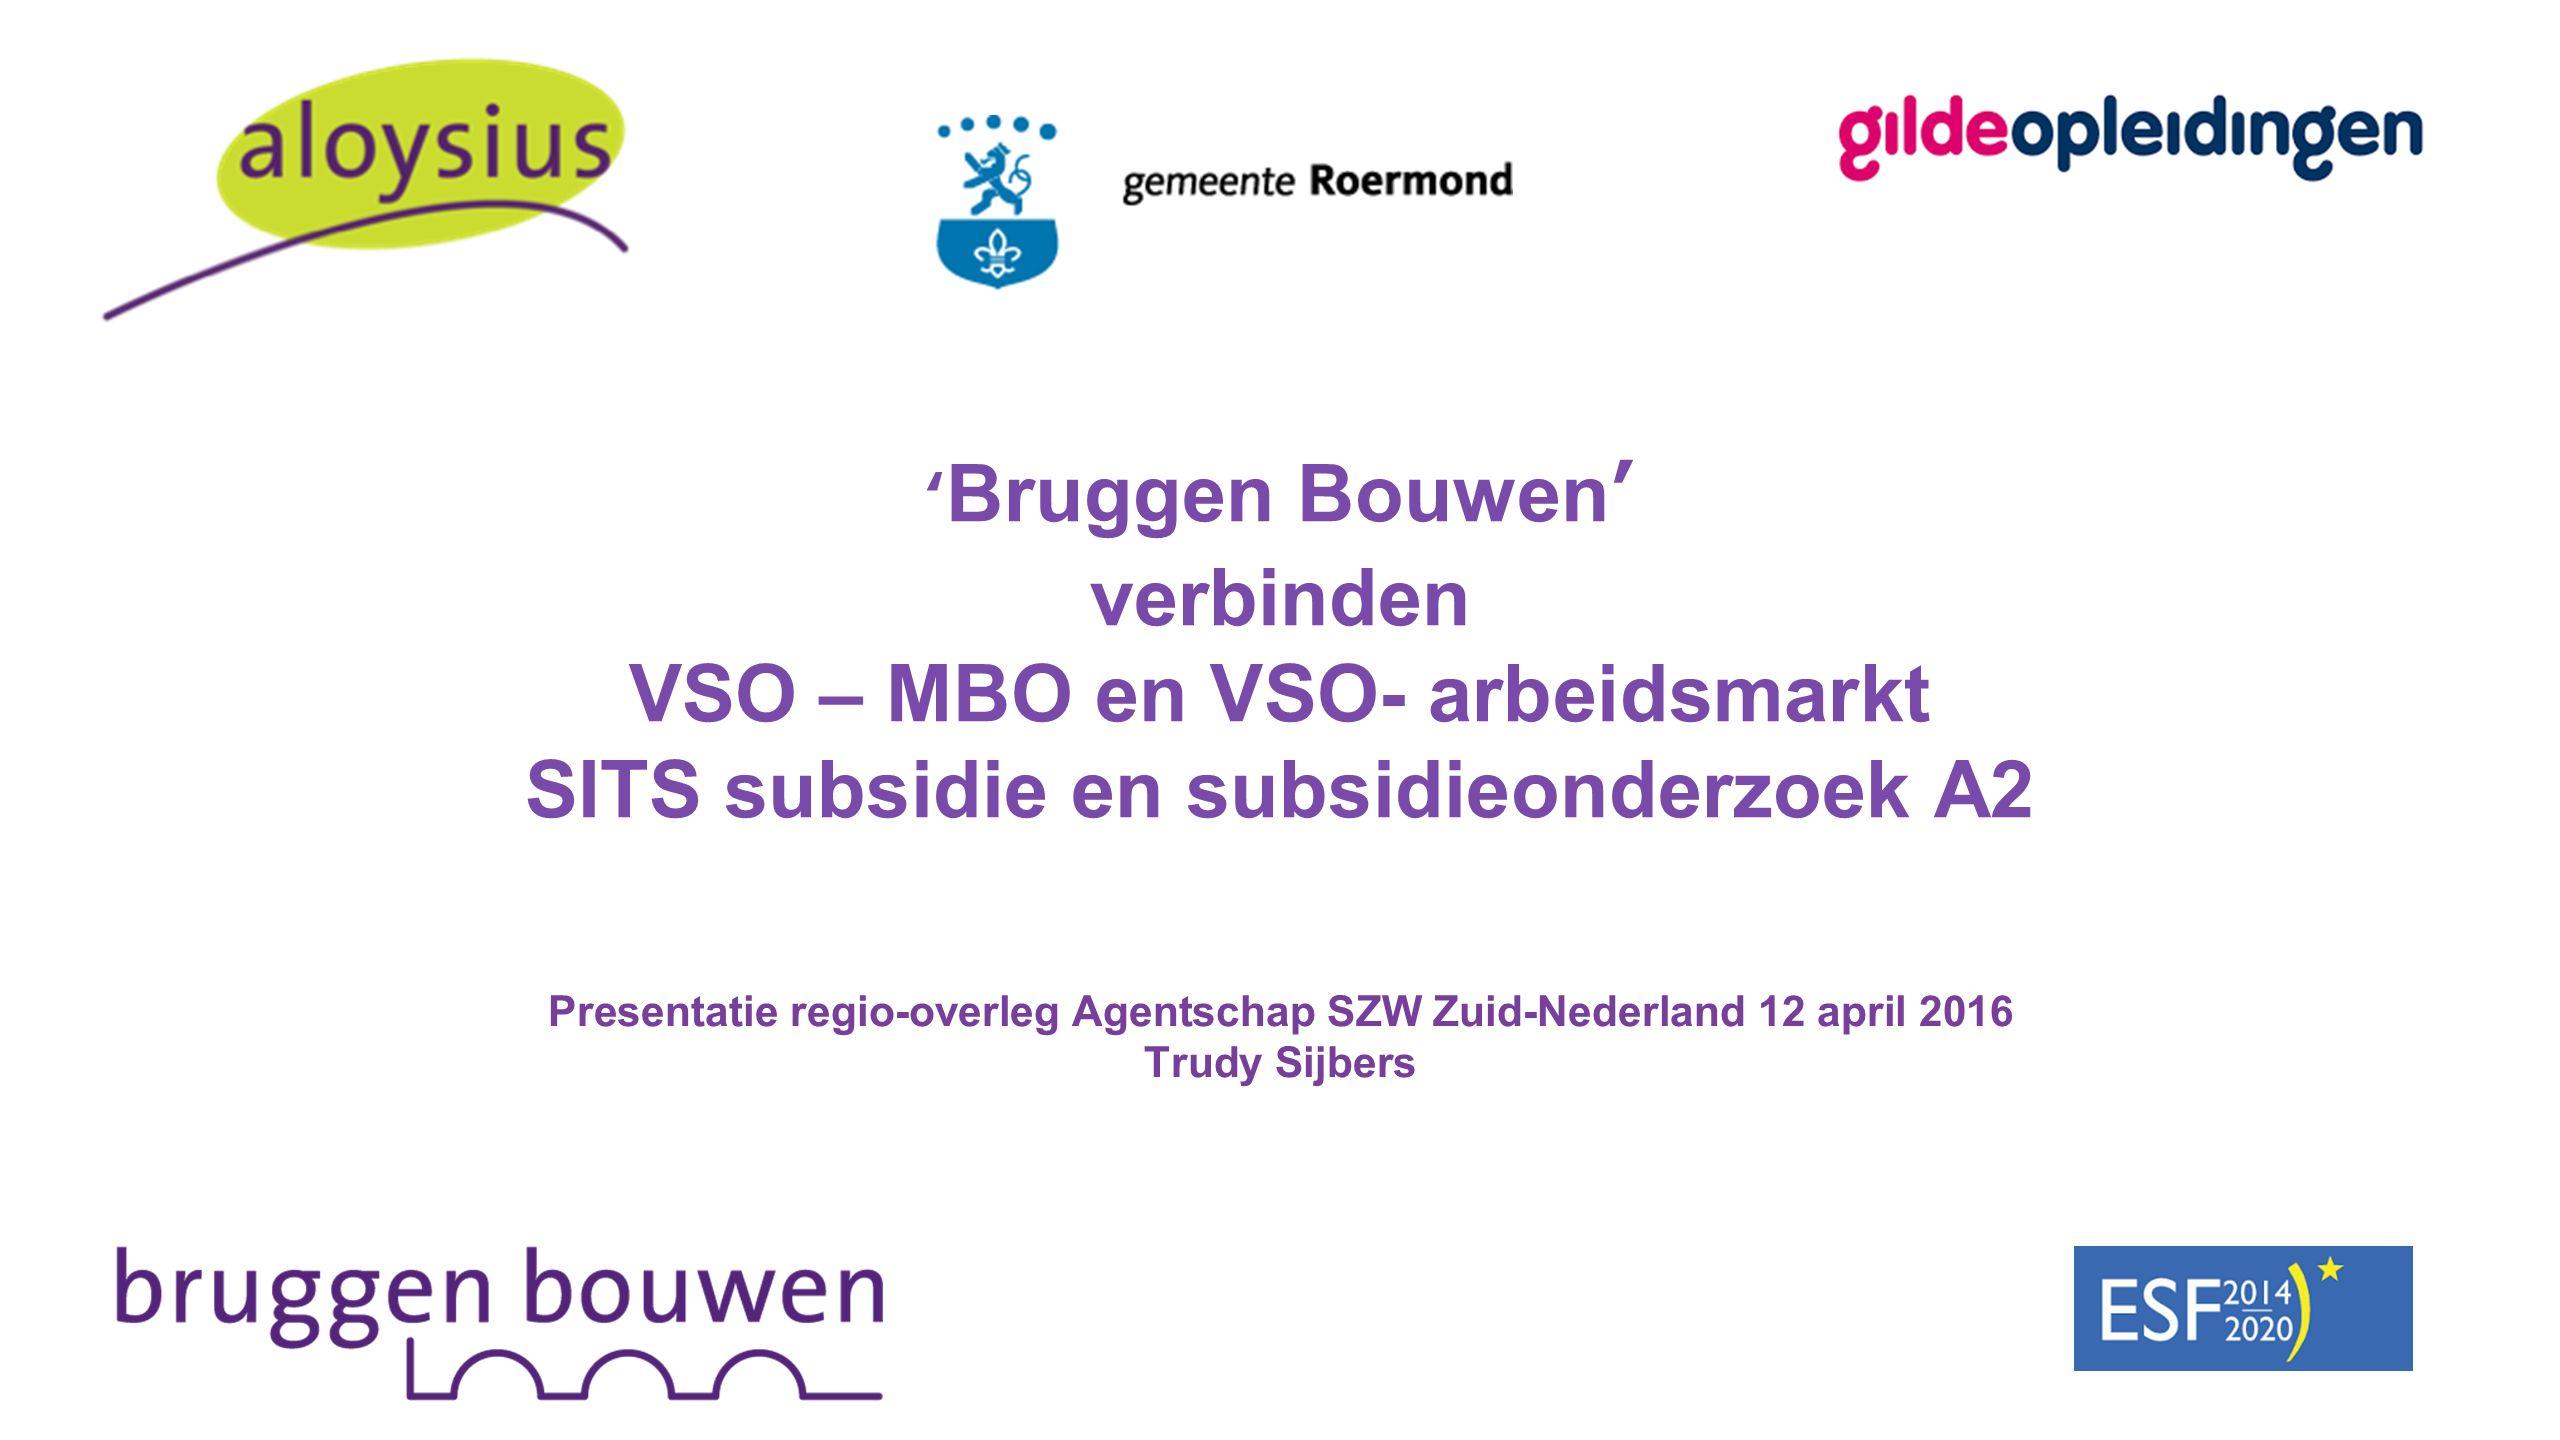 ' Bruggen Bouwen' verbinden VSO – MBO en VSO- arbeidsmarkt SITS subsidie en subsidieonderzoek A2 Presentatie regio-overleg Agentschap SZW Zuid-Nederland 12 april 2016 Trudy Sijbers